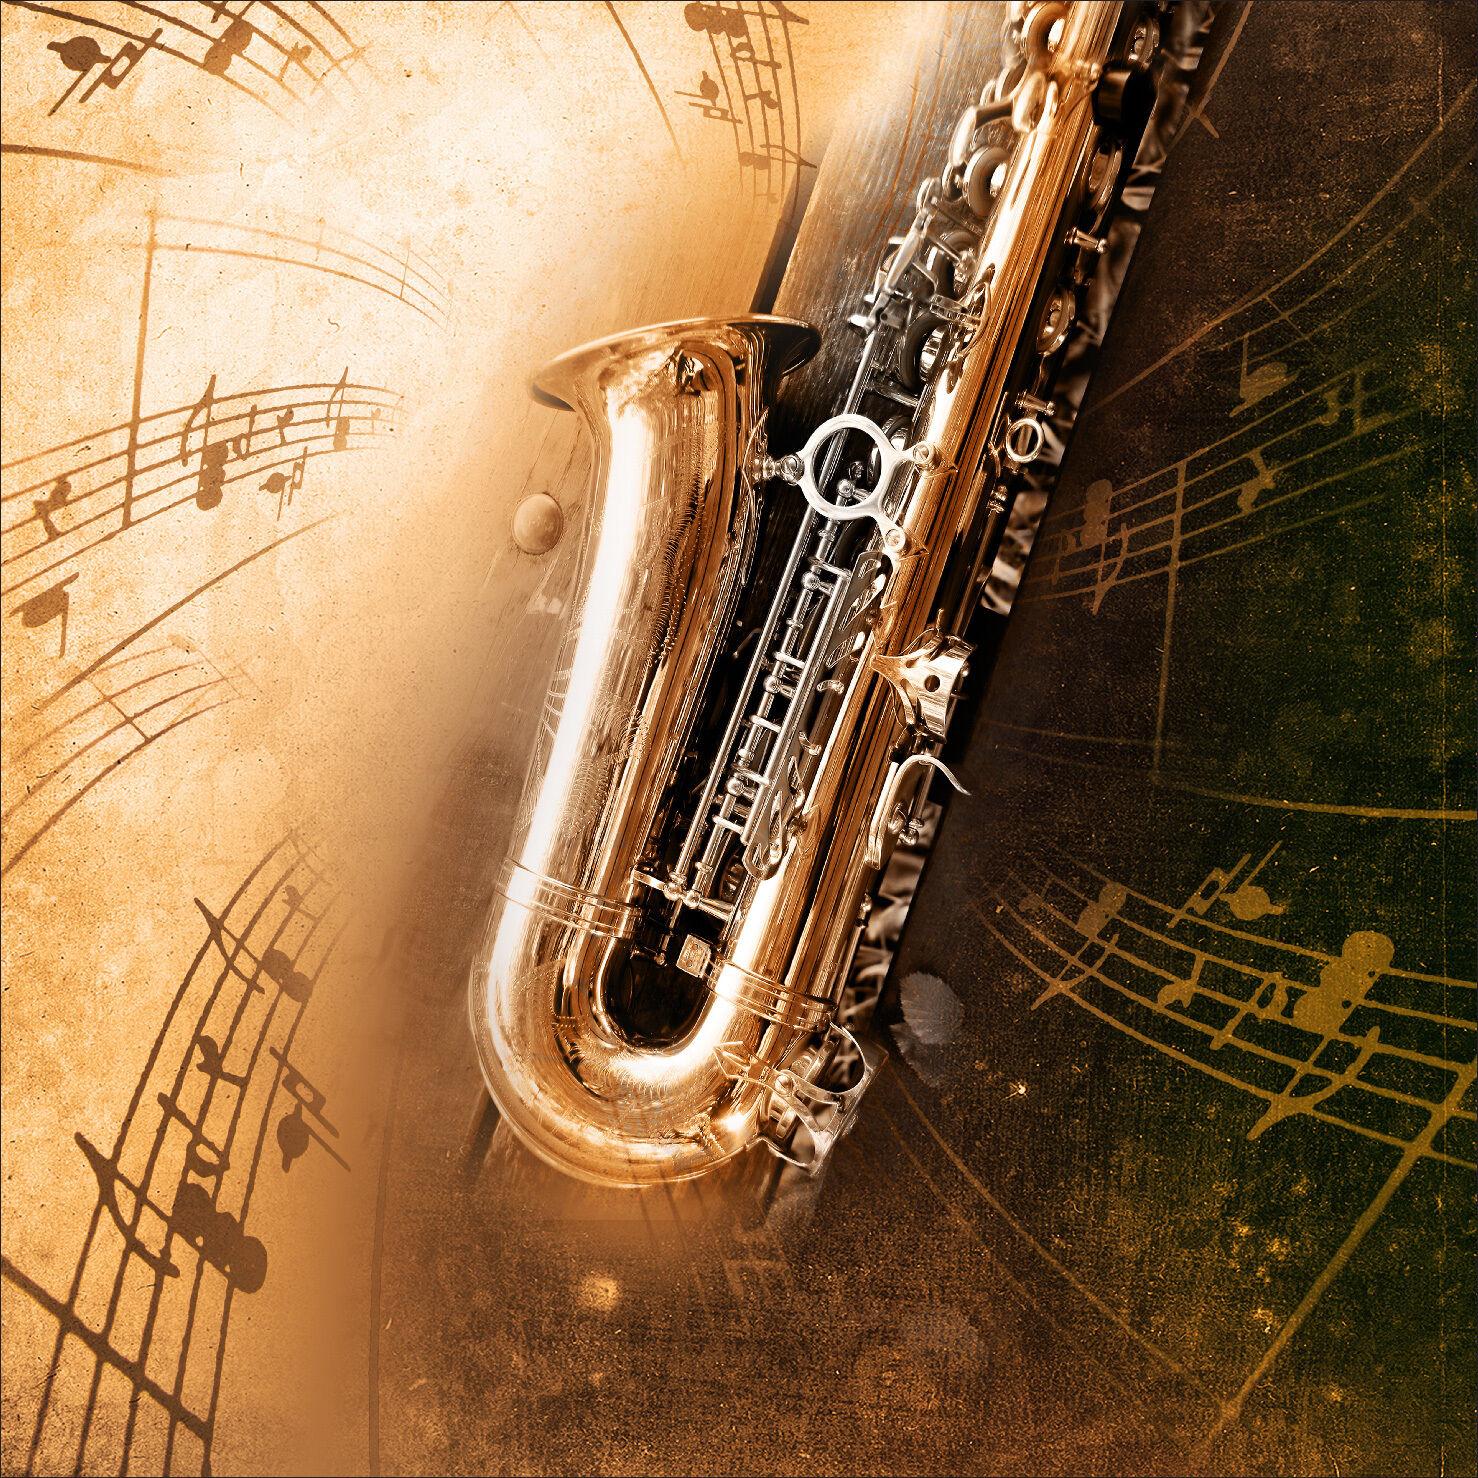 Sticker mural autocollant déco : Saxophone réf 4532 (25 diHommes diHommes diHommes sions) | De Haute Sécurité  | Outlet Online Shop  | être Nouvelle Dans La Conception  | Promotions  5876d7